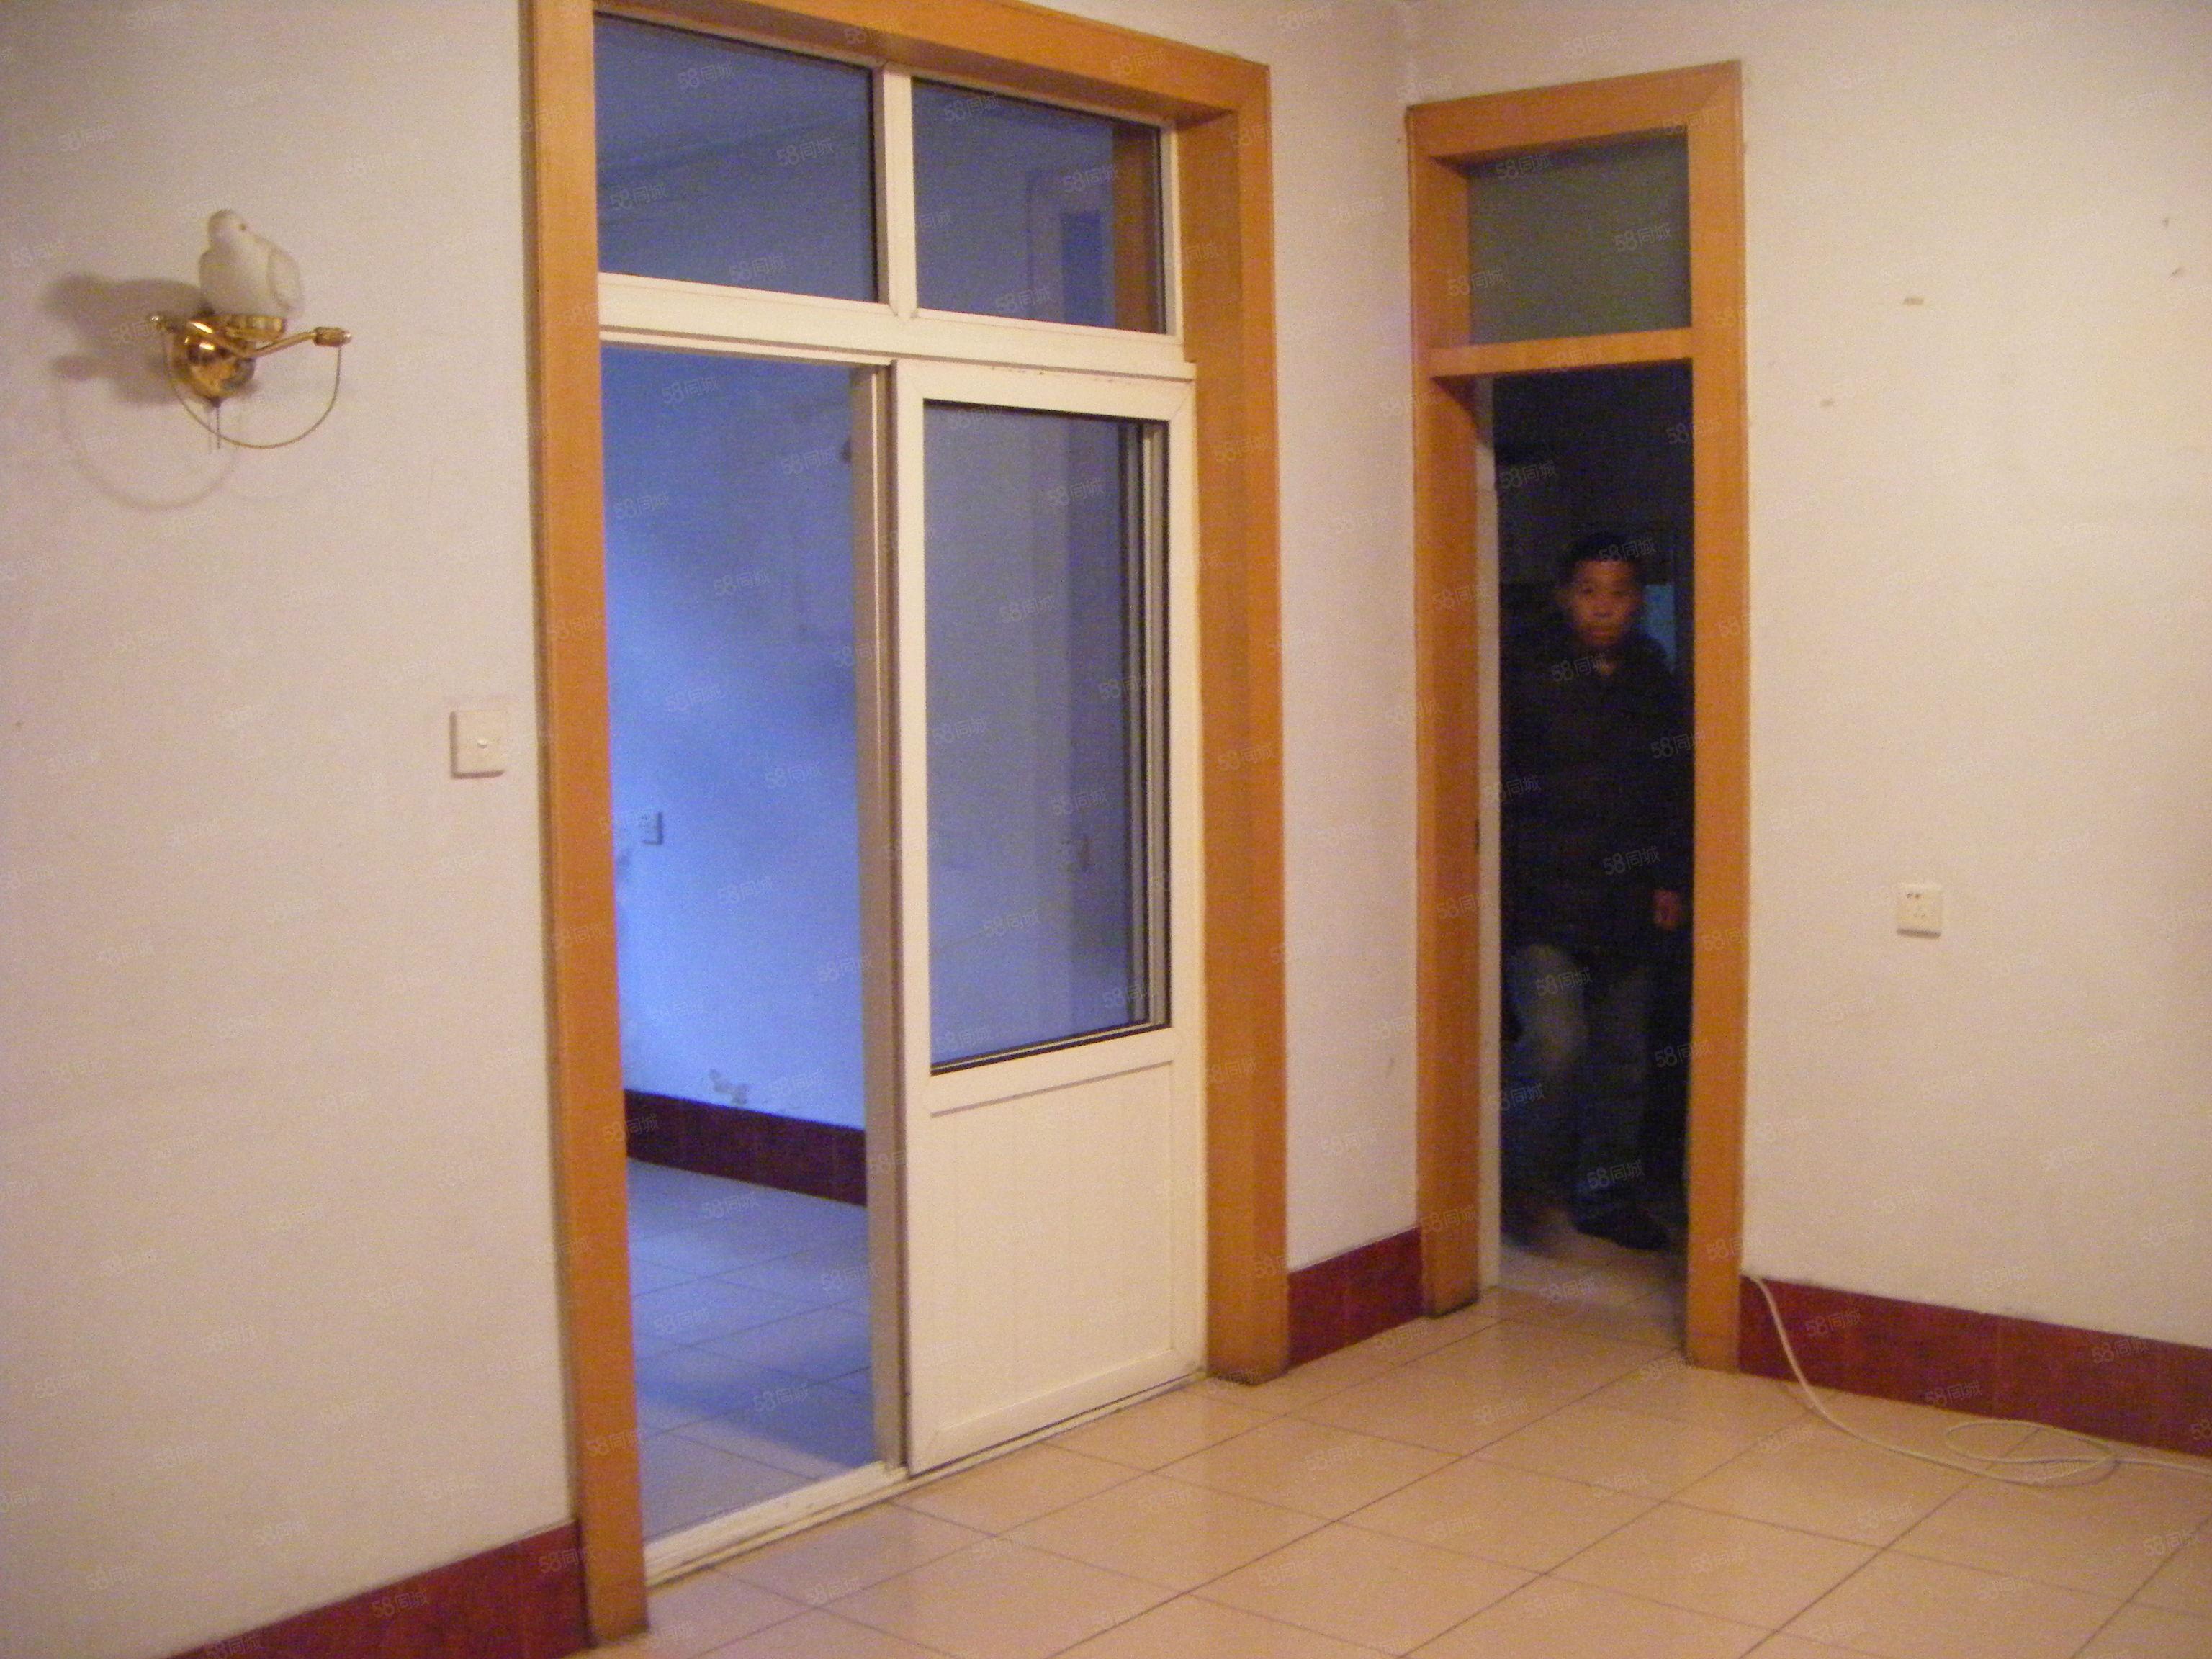 出租交警支队家属院低楼层三室家具家电双气随时看房子